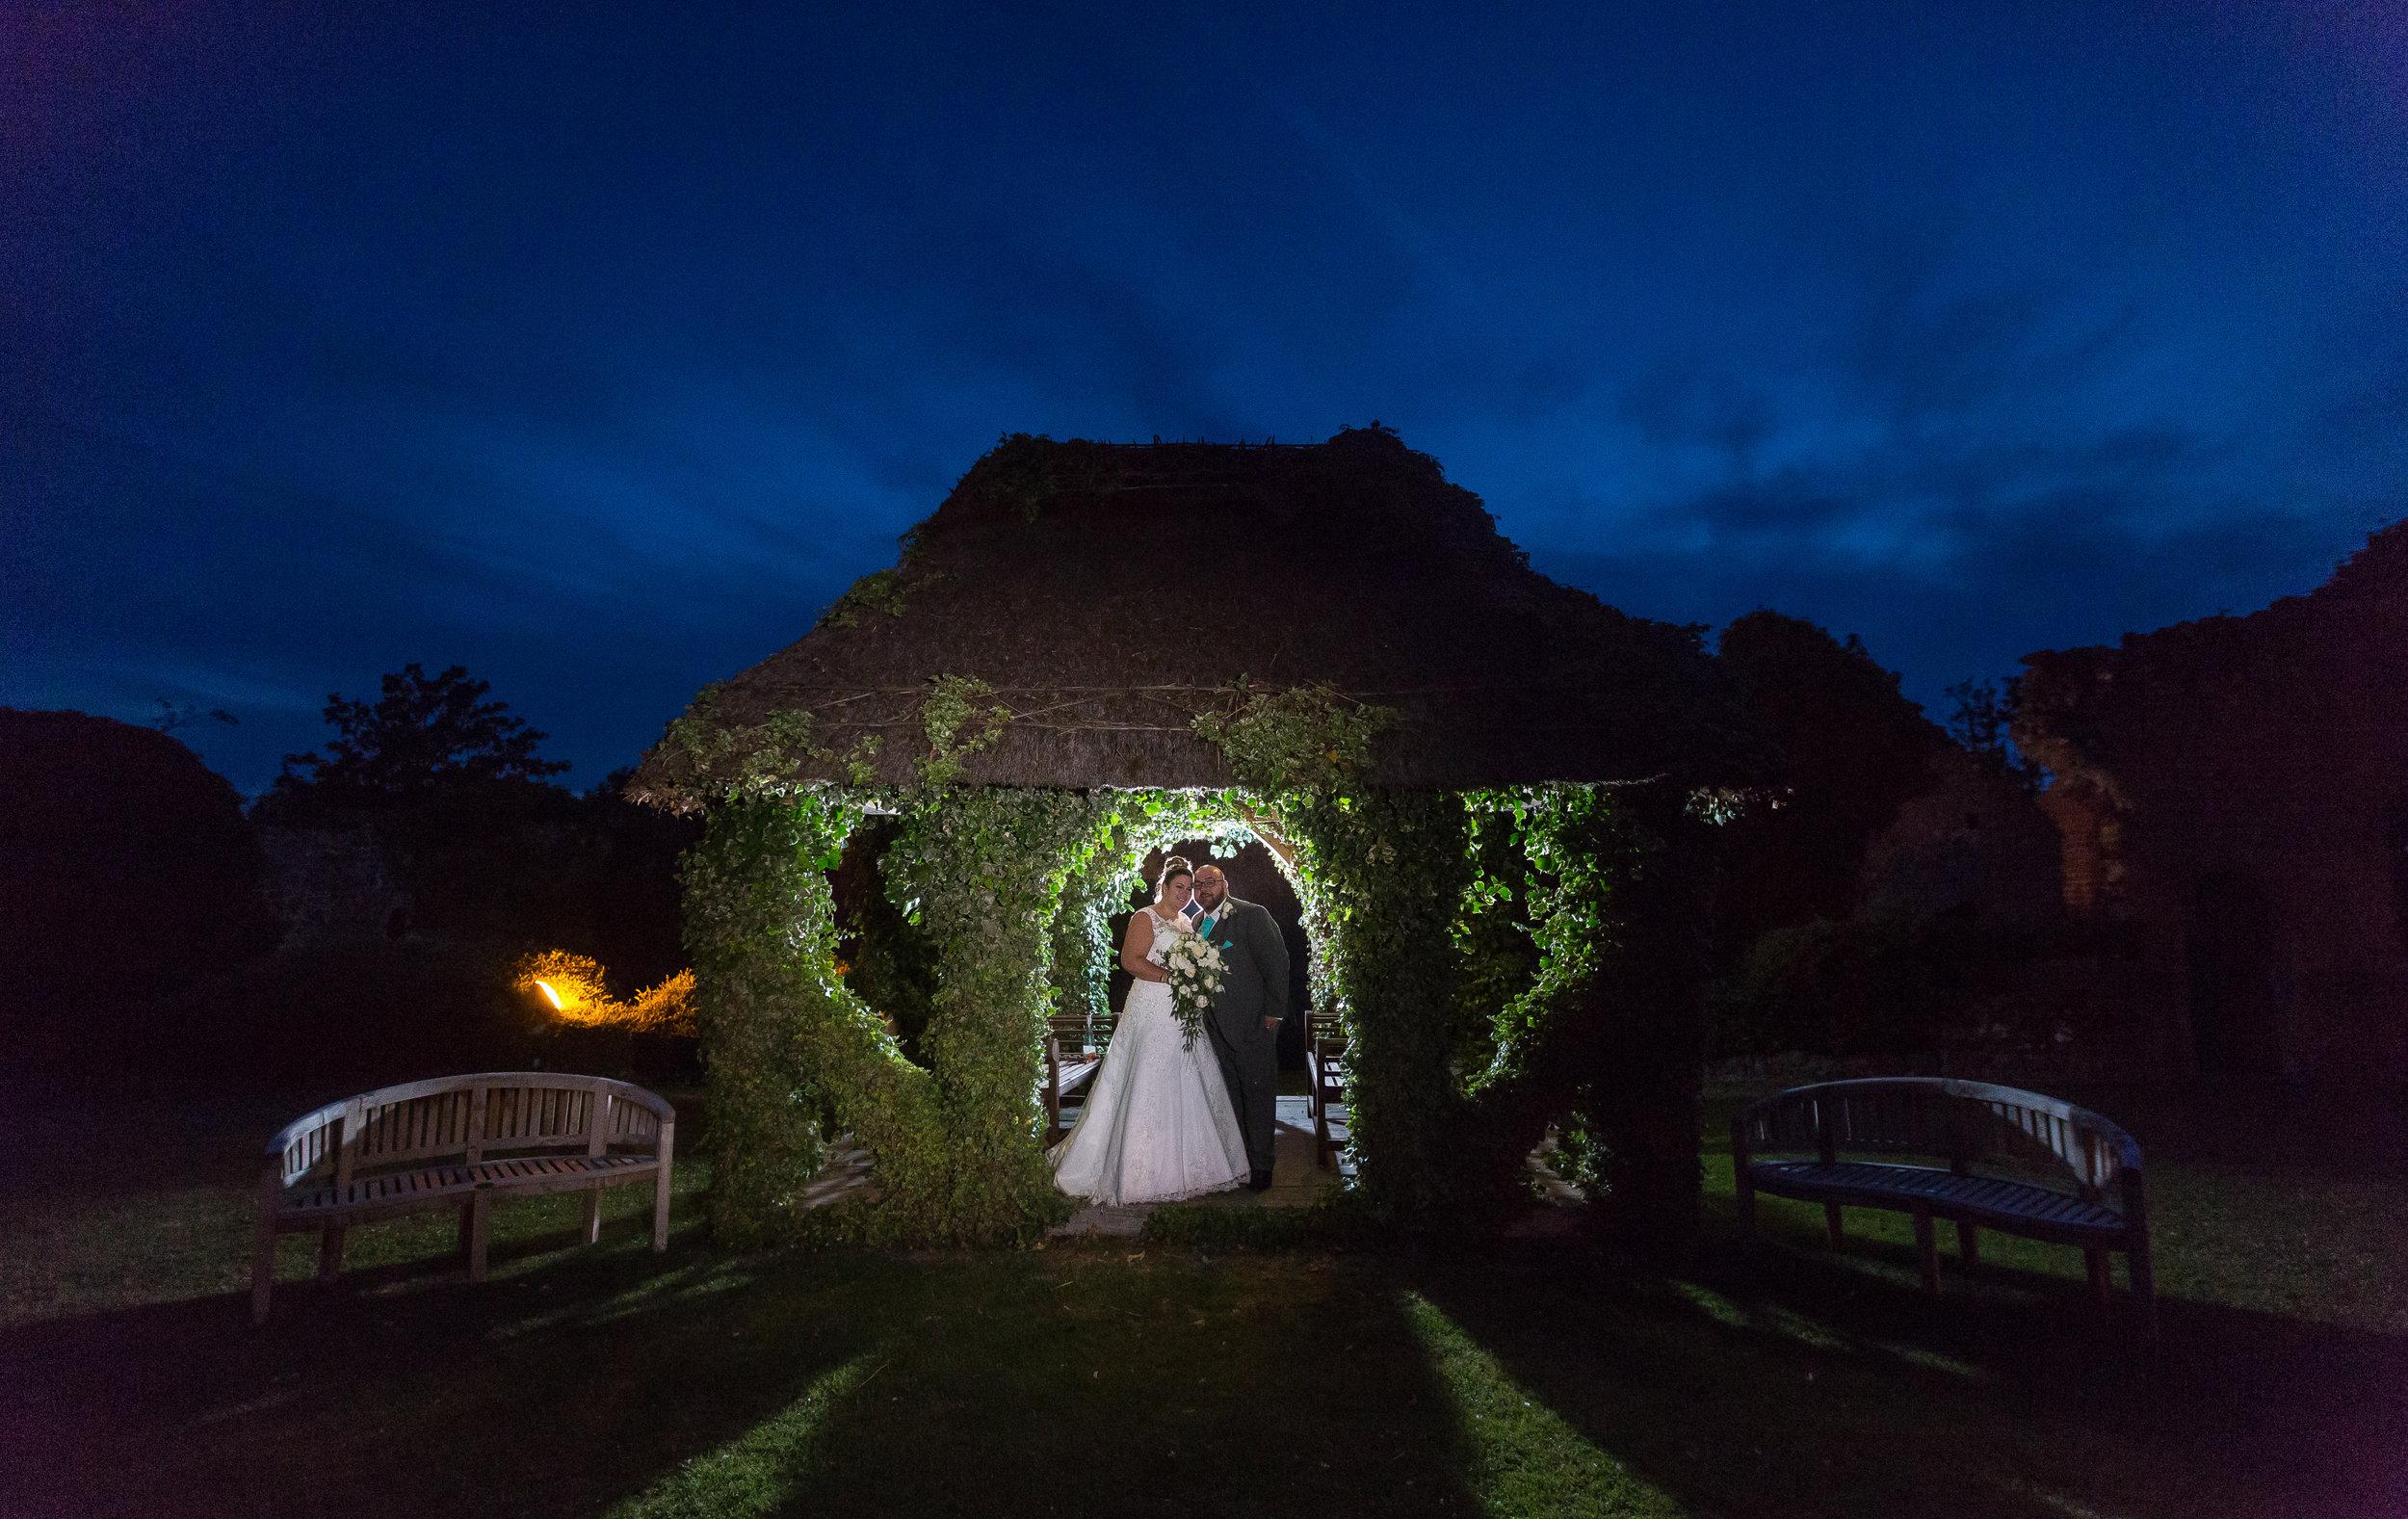 westenhangar-castle-kent-london-wedding-photography-first-dance-72